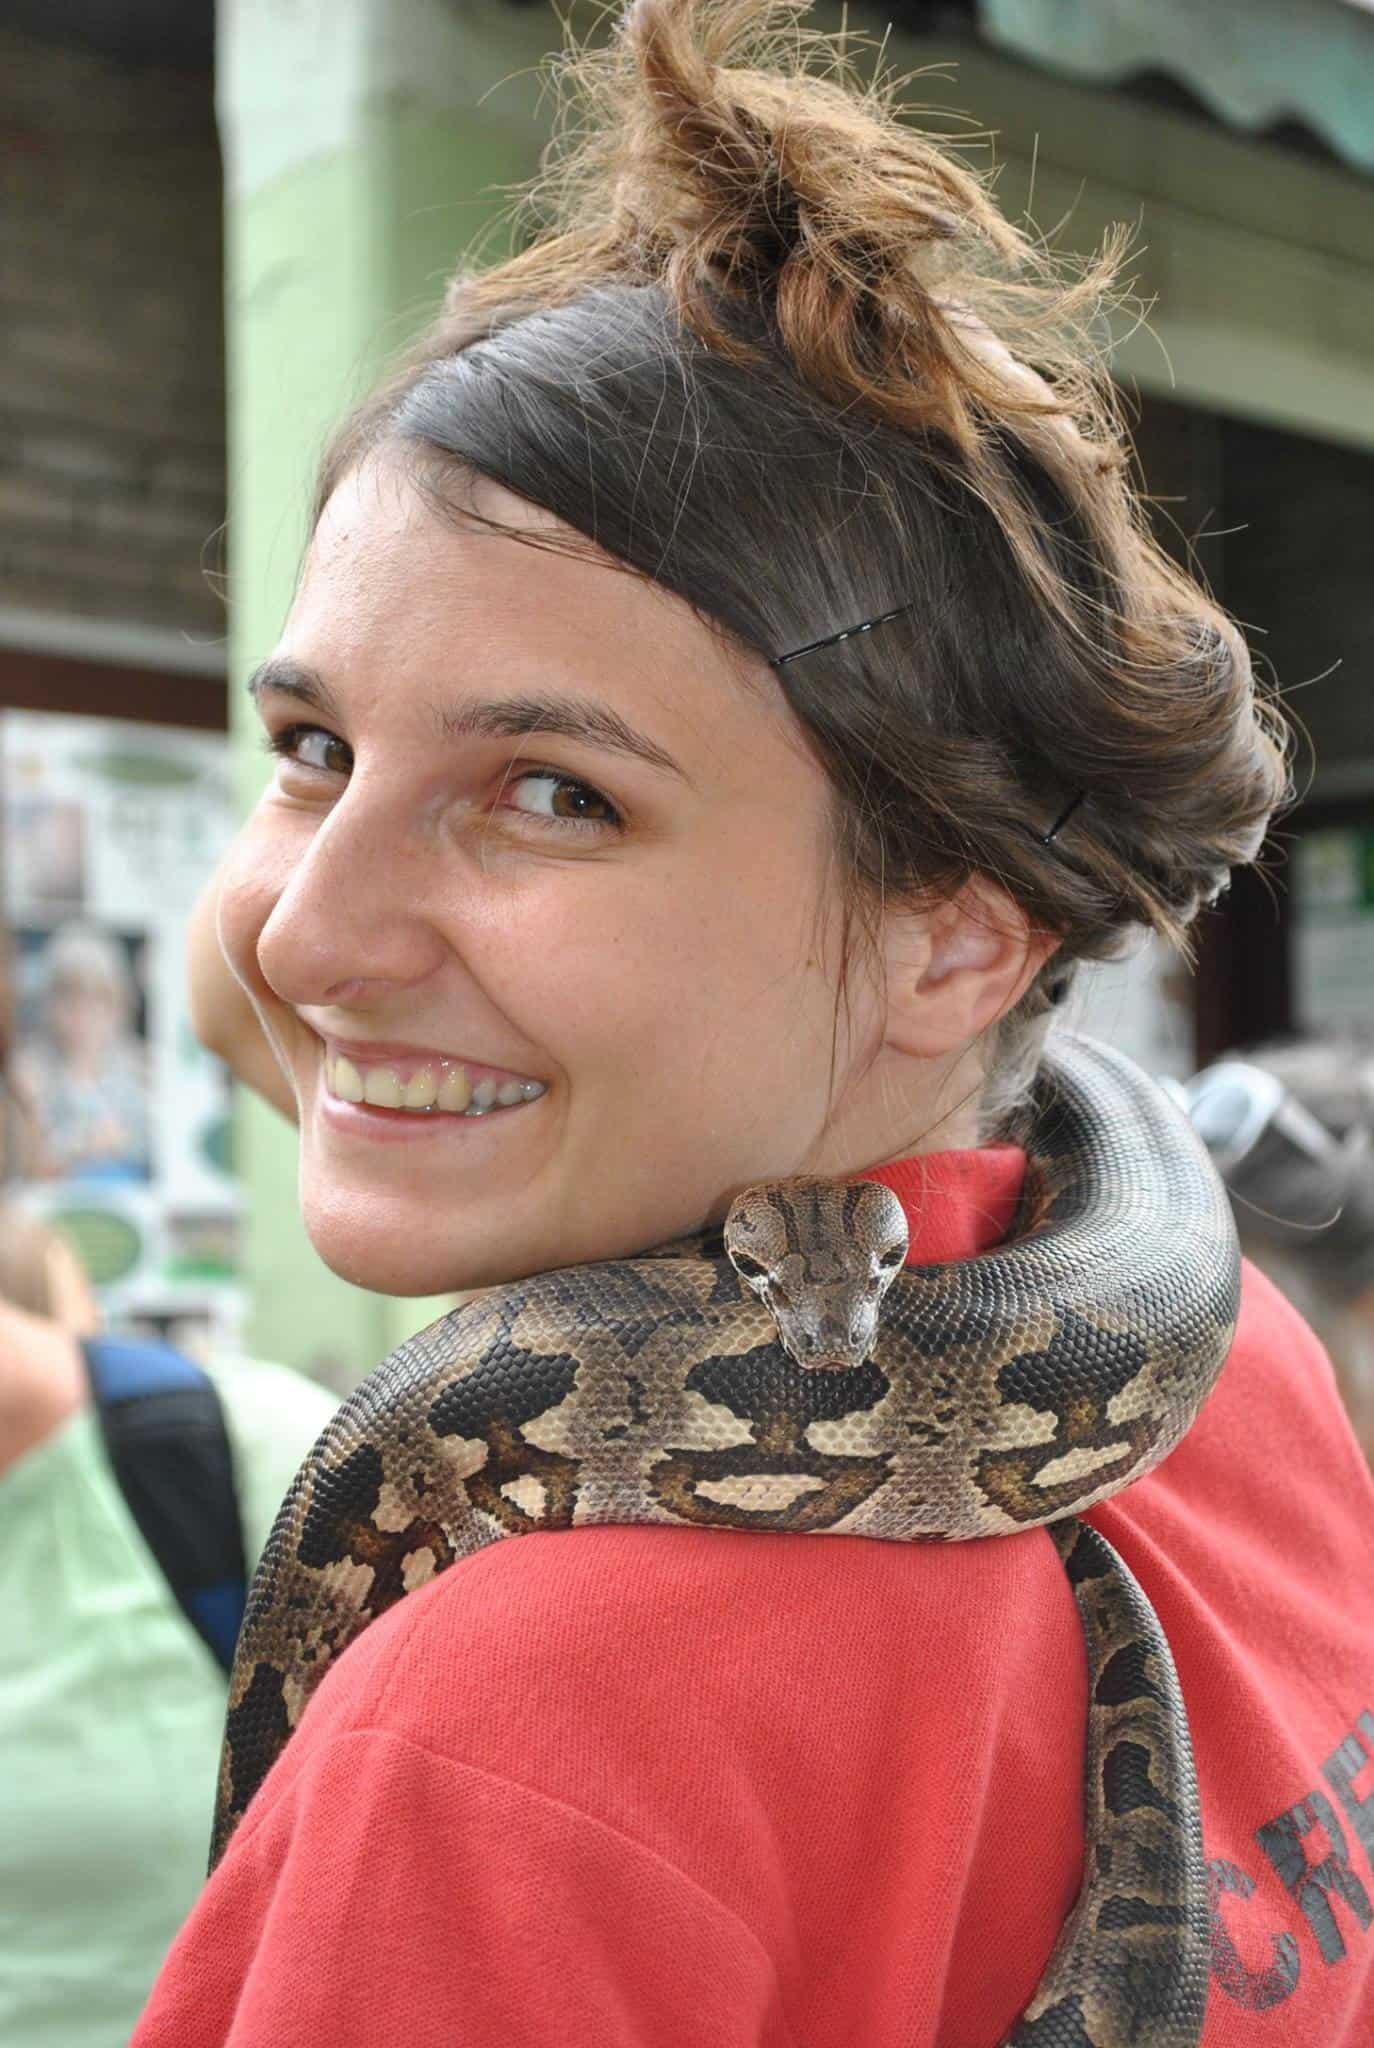 Mitarbeiterin mit Schlange im kinderfreundlichen Reptilienzoo Happ in Kärntens Landeshauptstadt Klagenfurt am Wörthersee